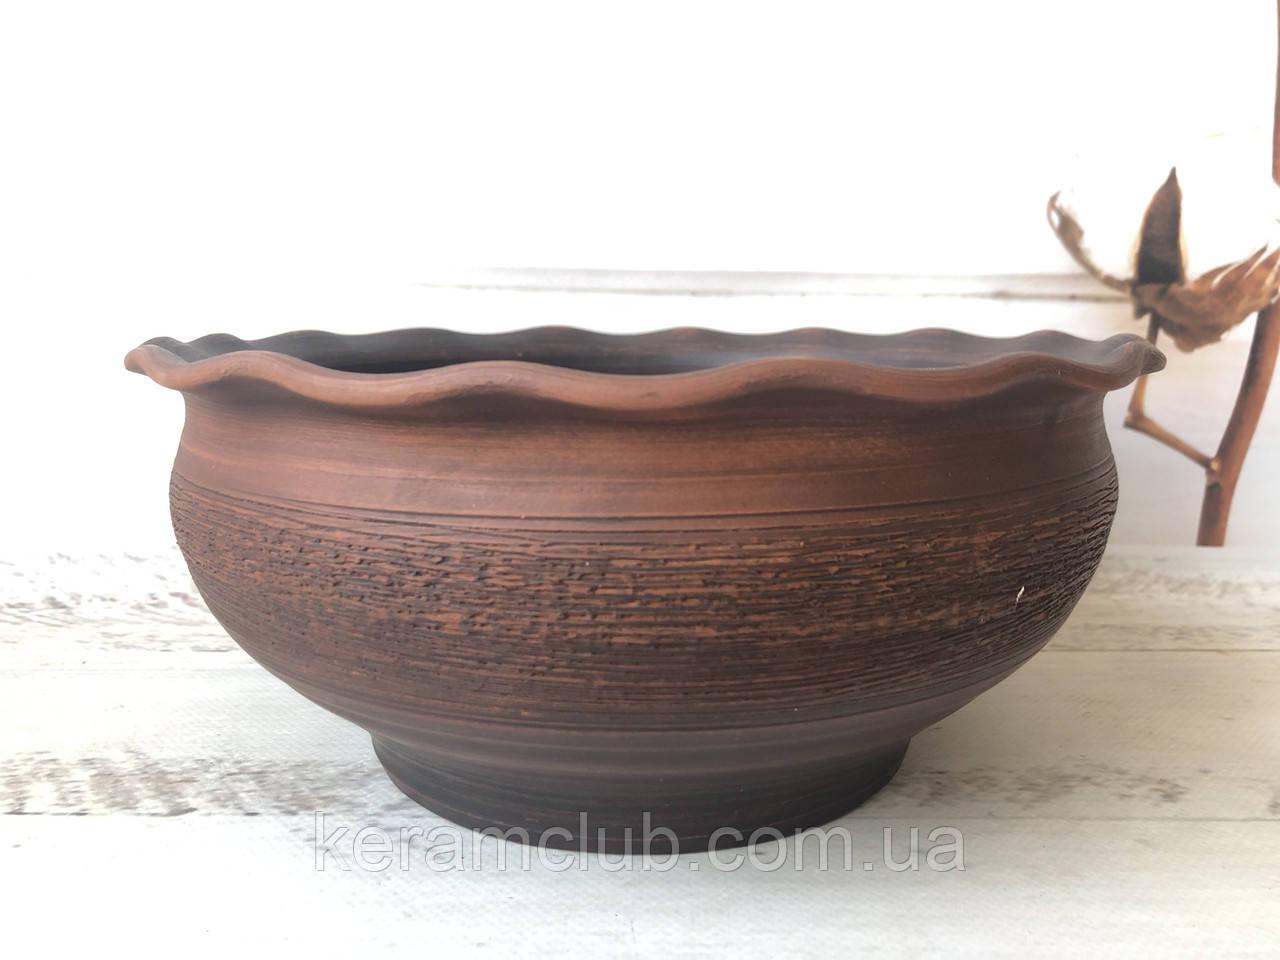 Гончарная глиняная миска для вареников 2,5 л